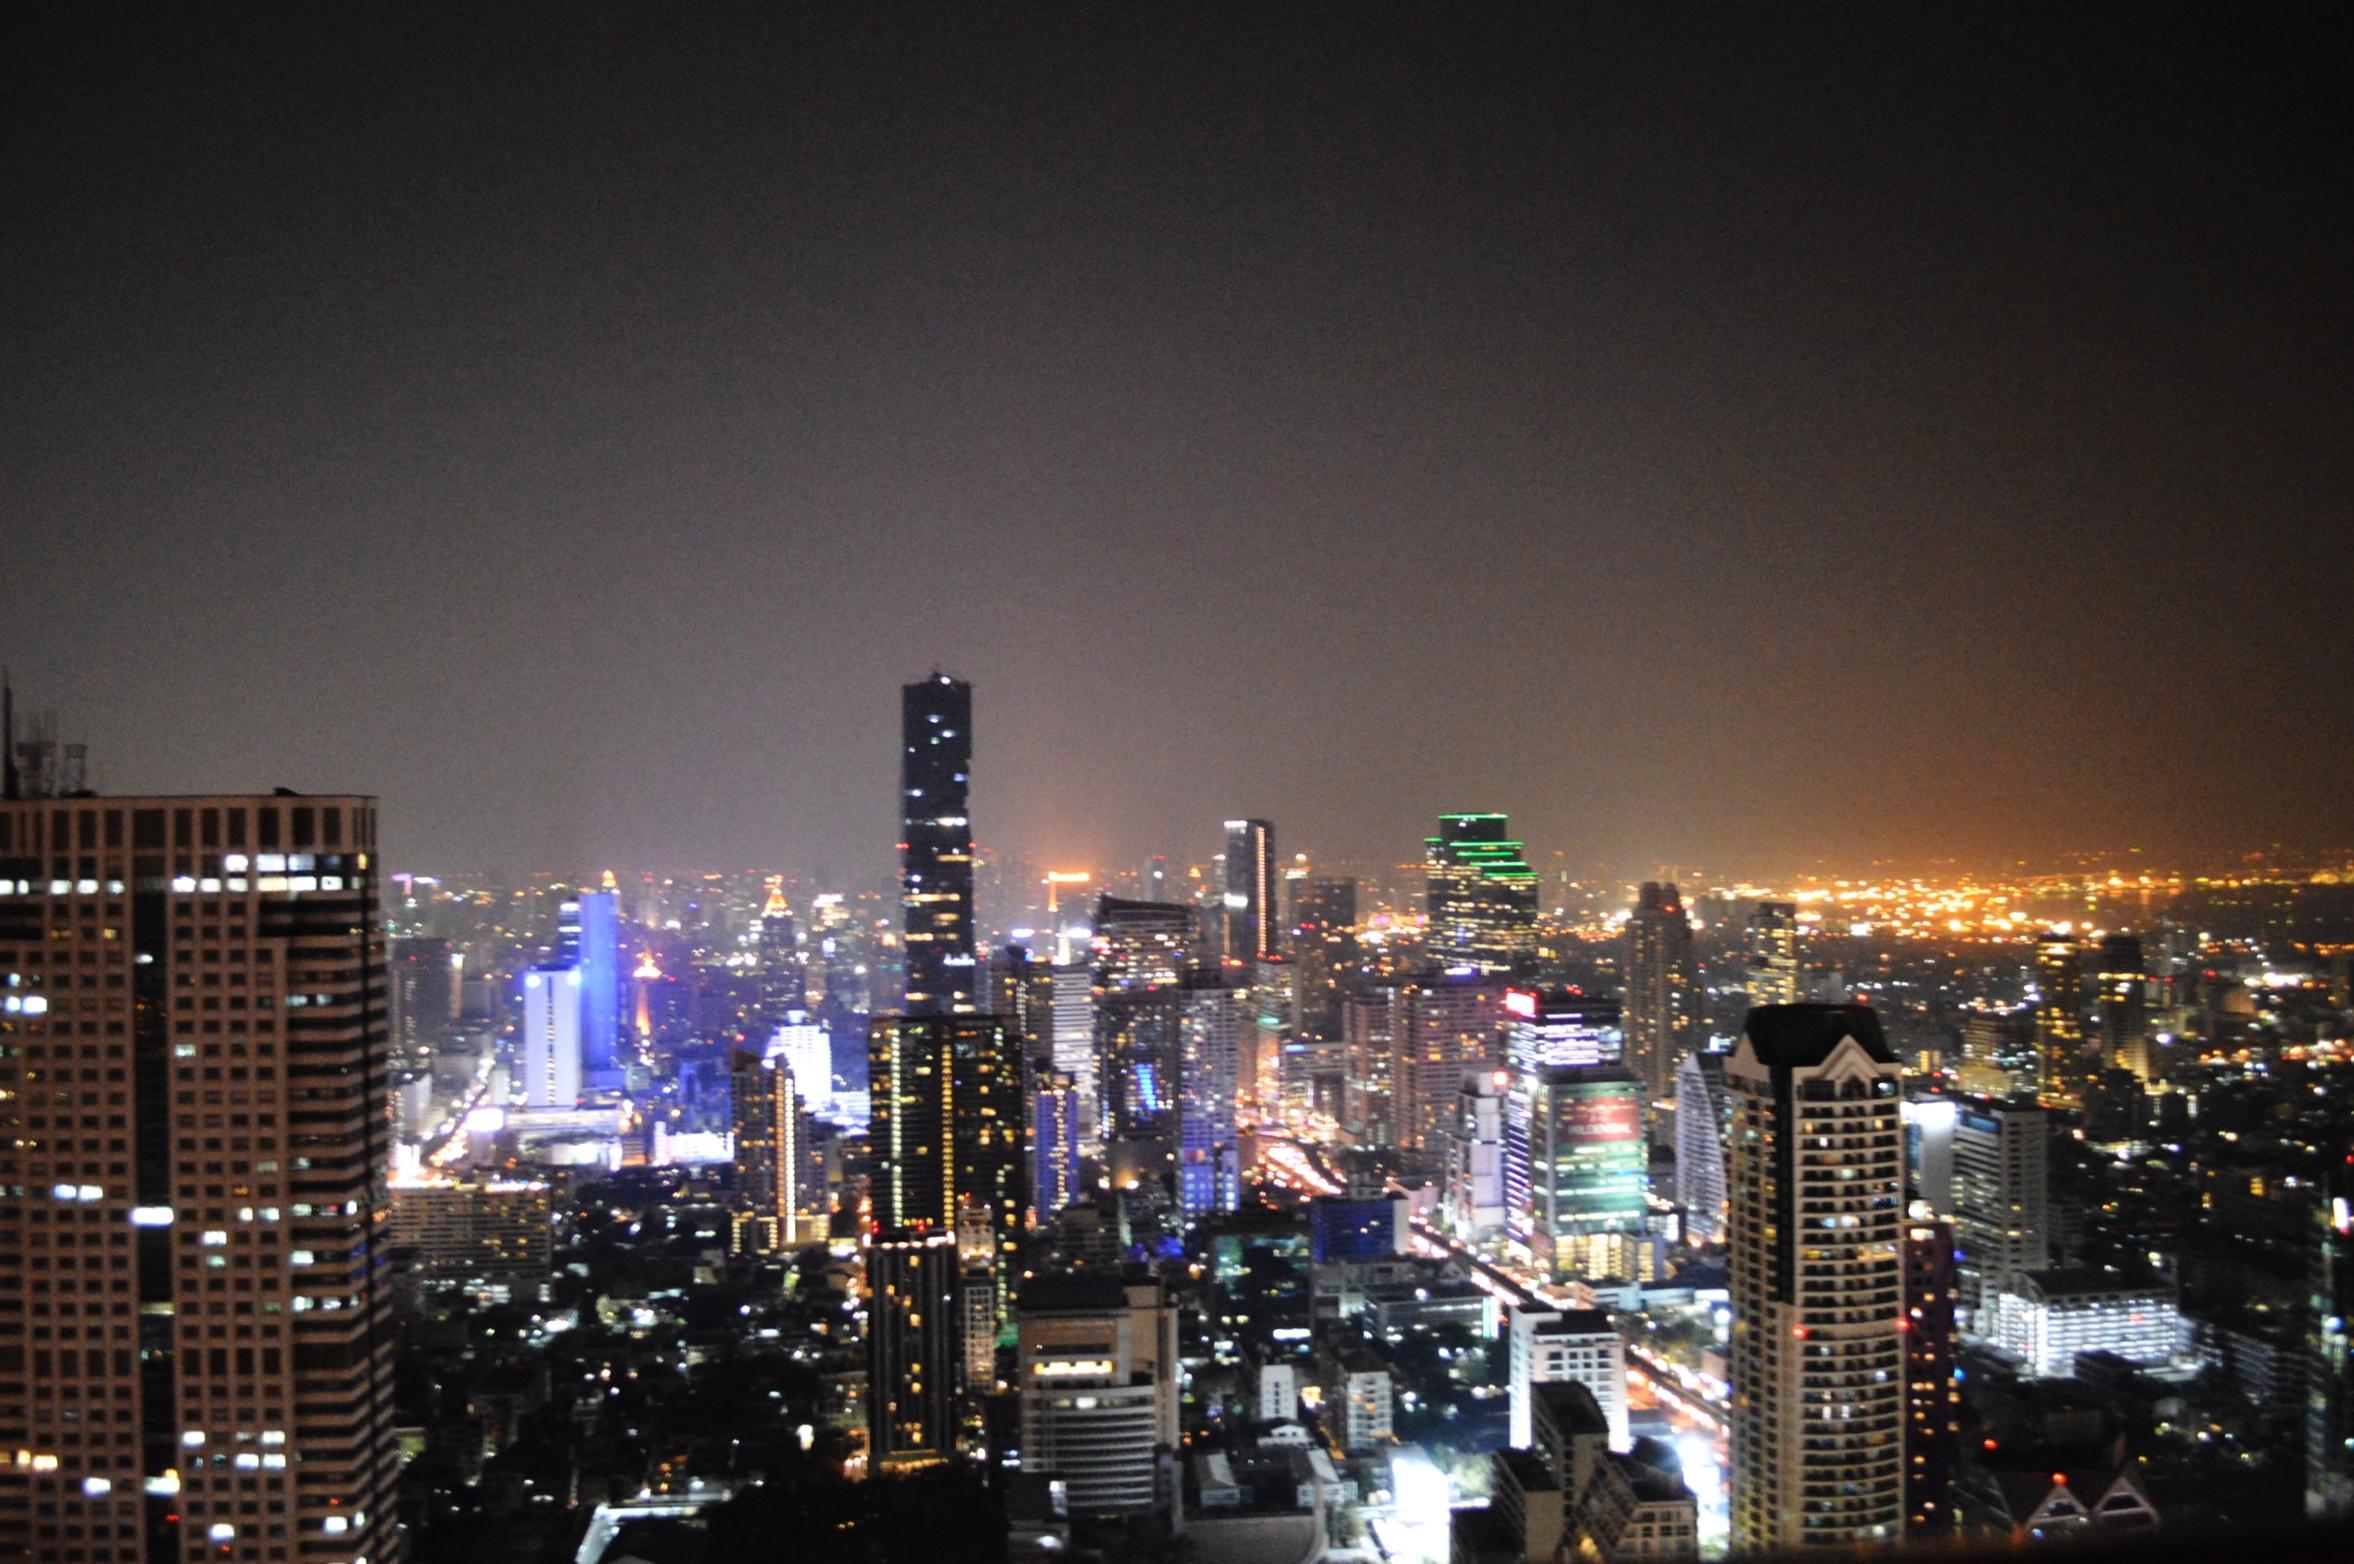 Bangkok Lebua Sky Bar: Incredible viewpoints around the world